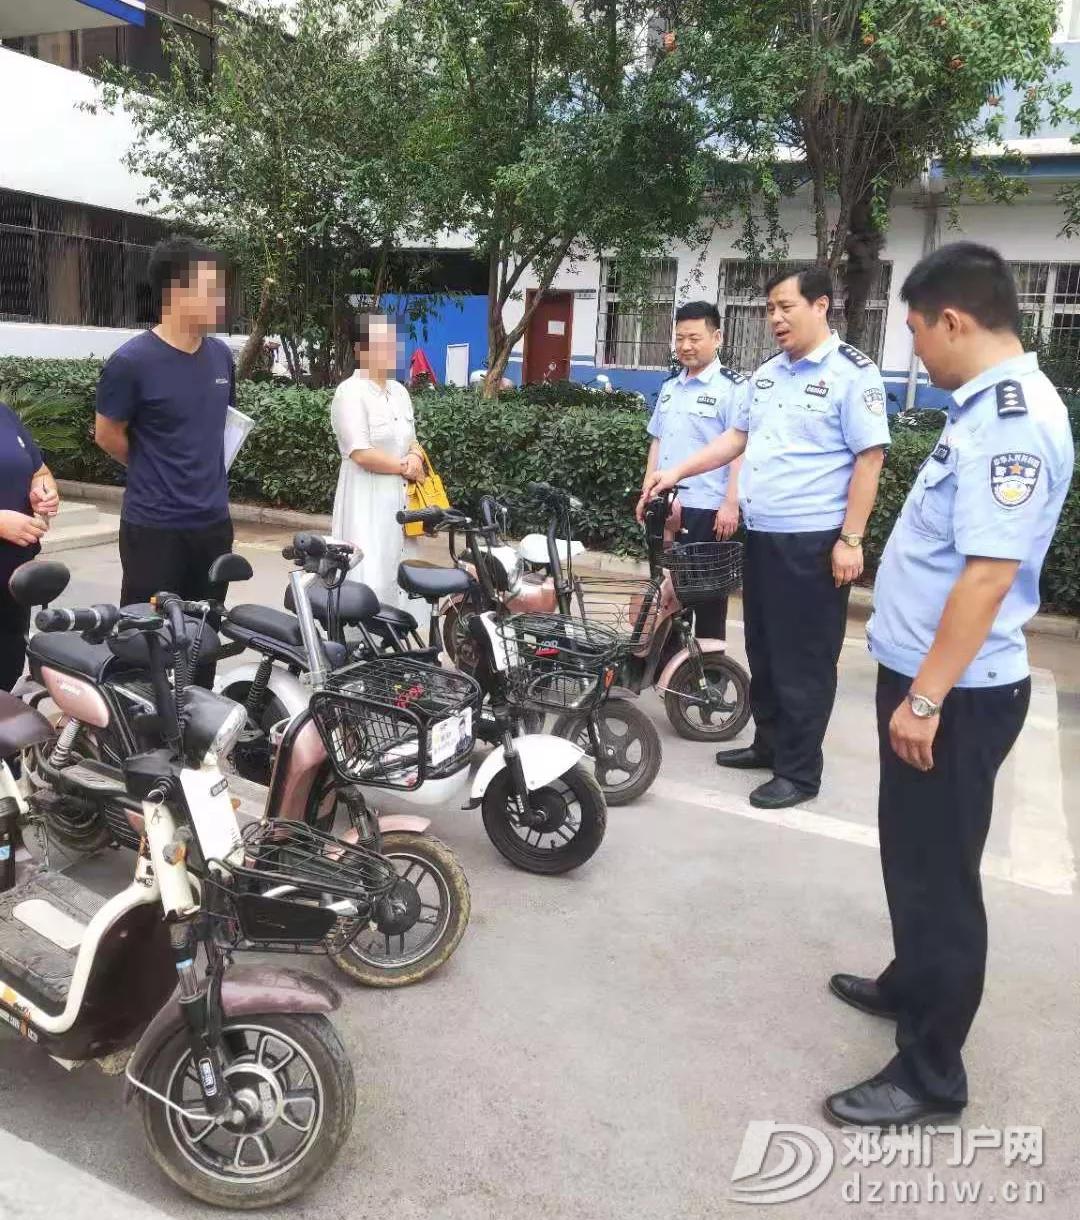 邓州警方举行涉案赃物退还仪式 - 邓州门户网|邓州网 - 640.webp6.jpg